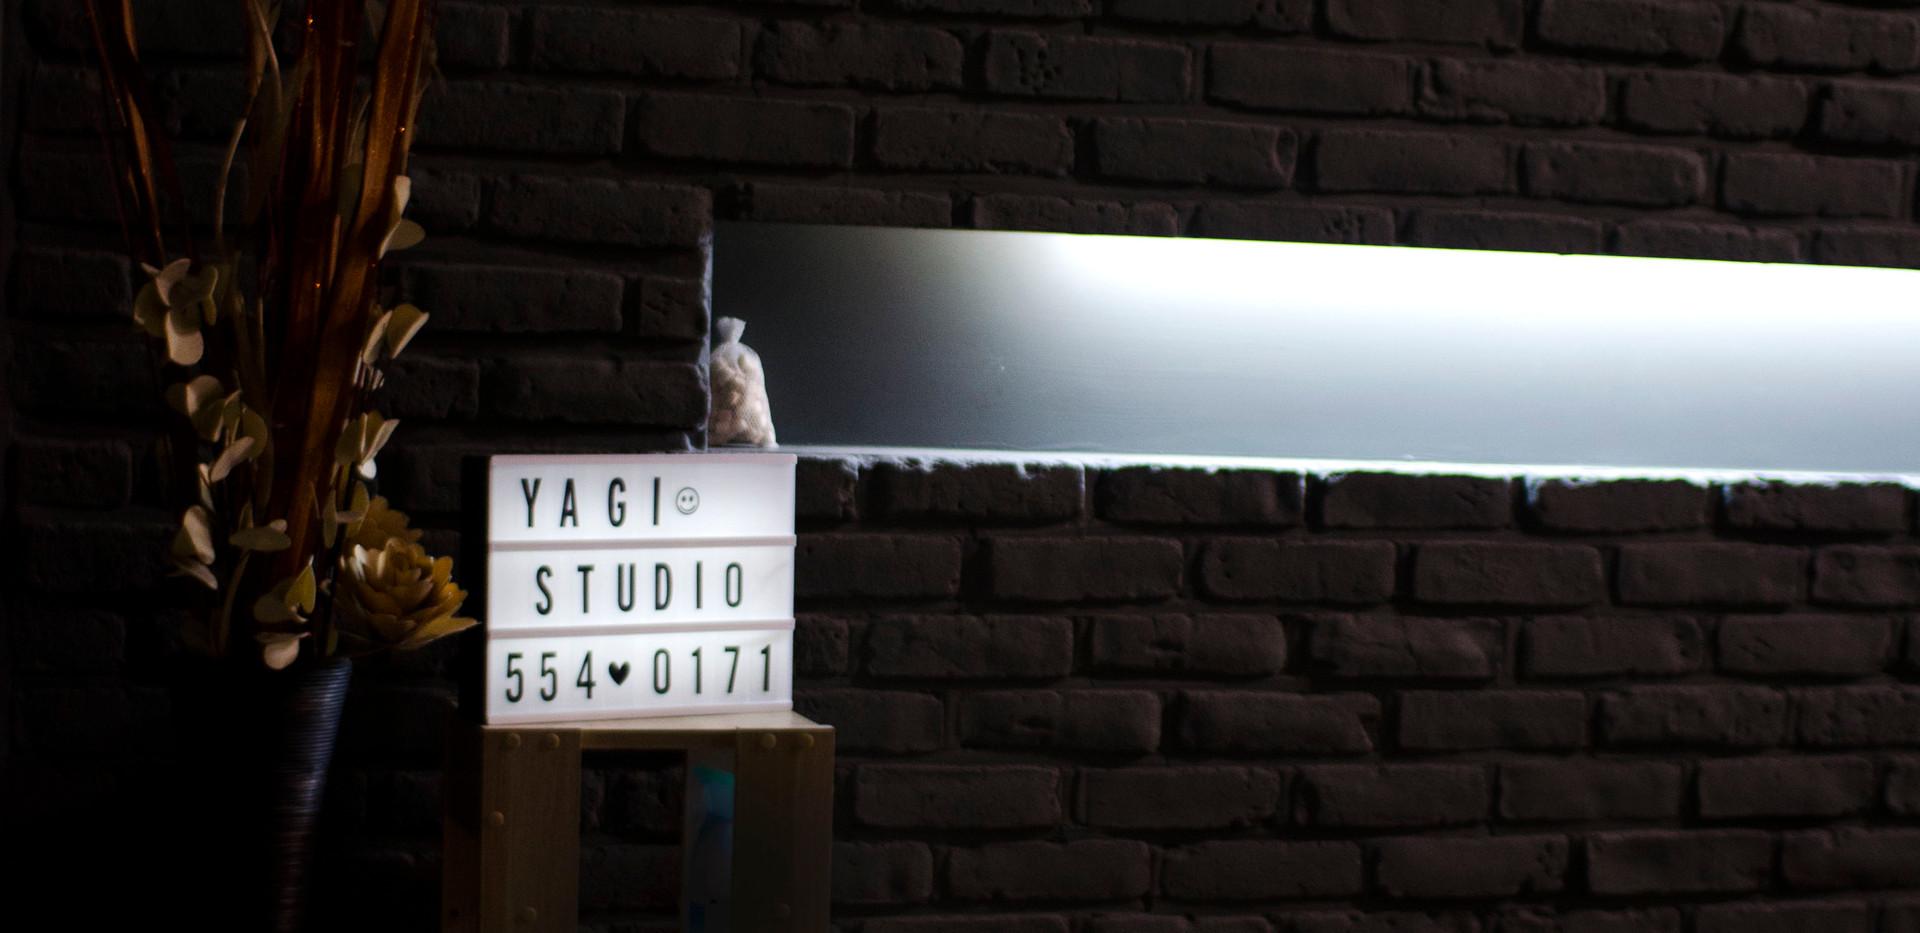 YAGI Studio Hallaway